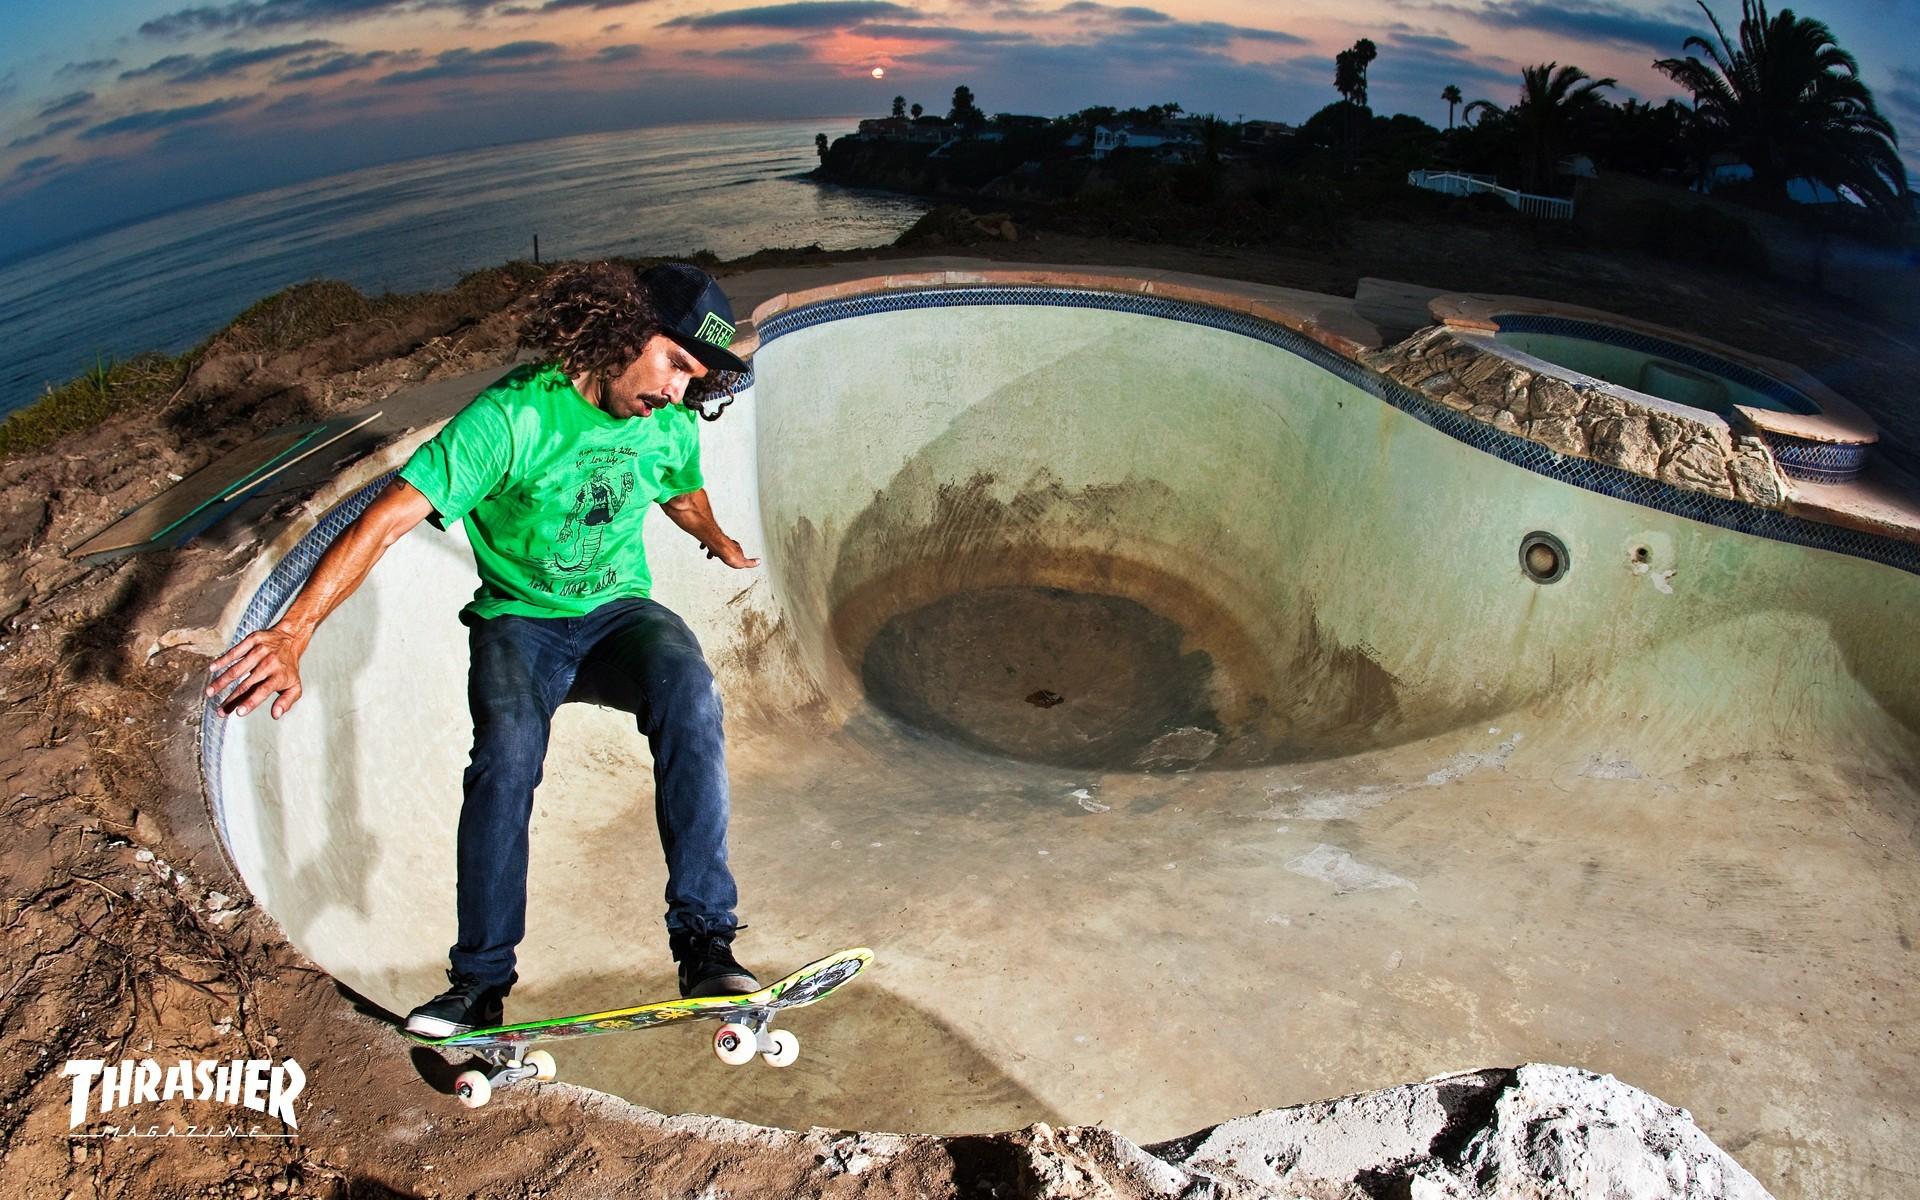 Skateboarding Skates Wallpaper Skateboarding, Skates